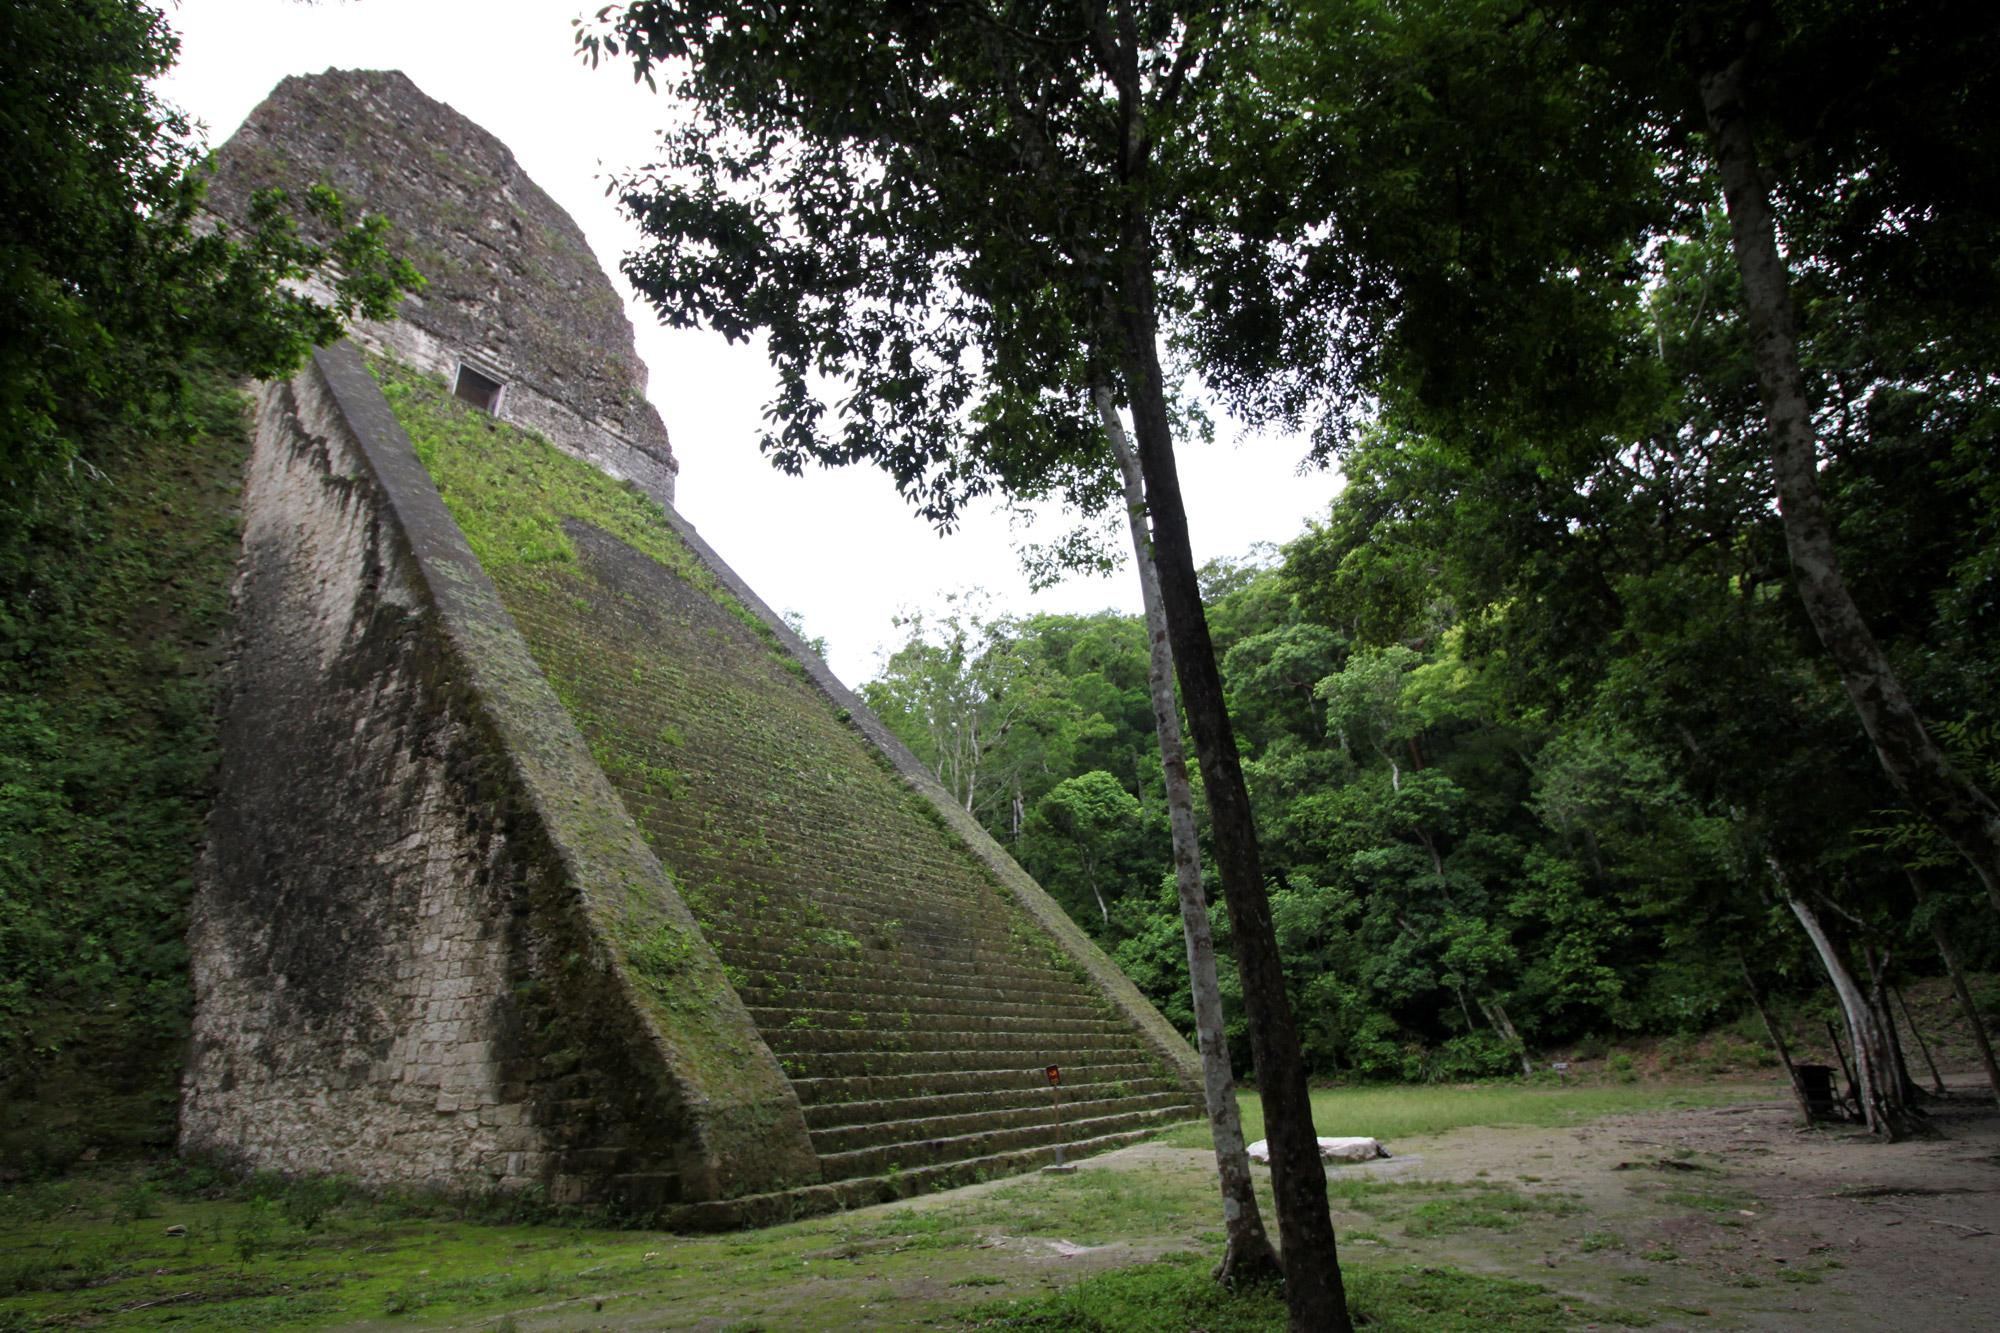 Guatemala 2015 - dag 7 - Templo V in Tikal